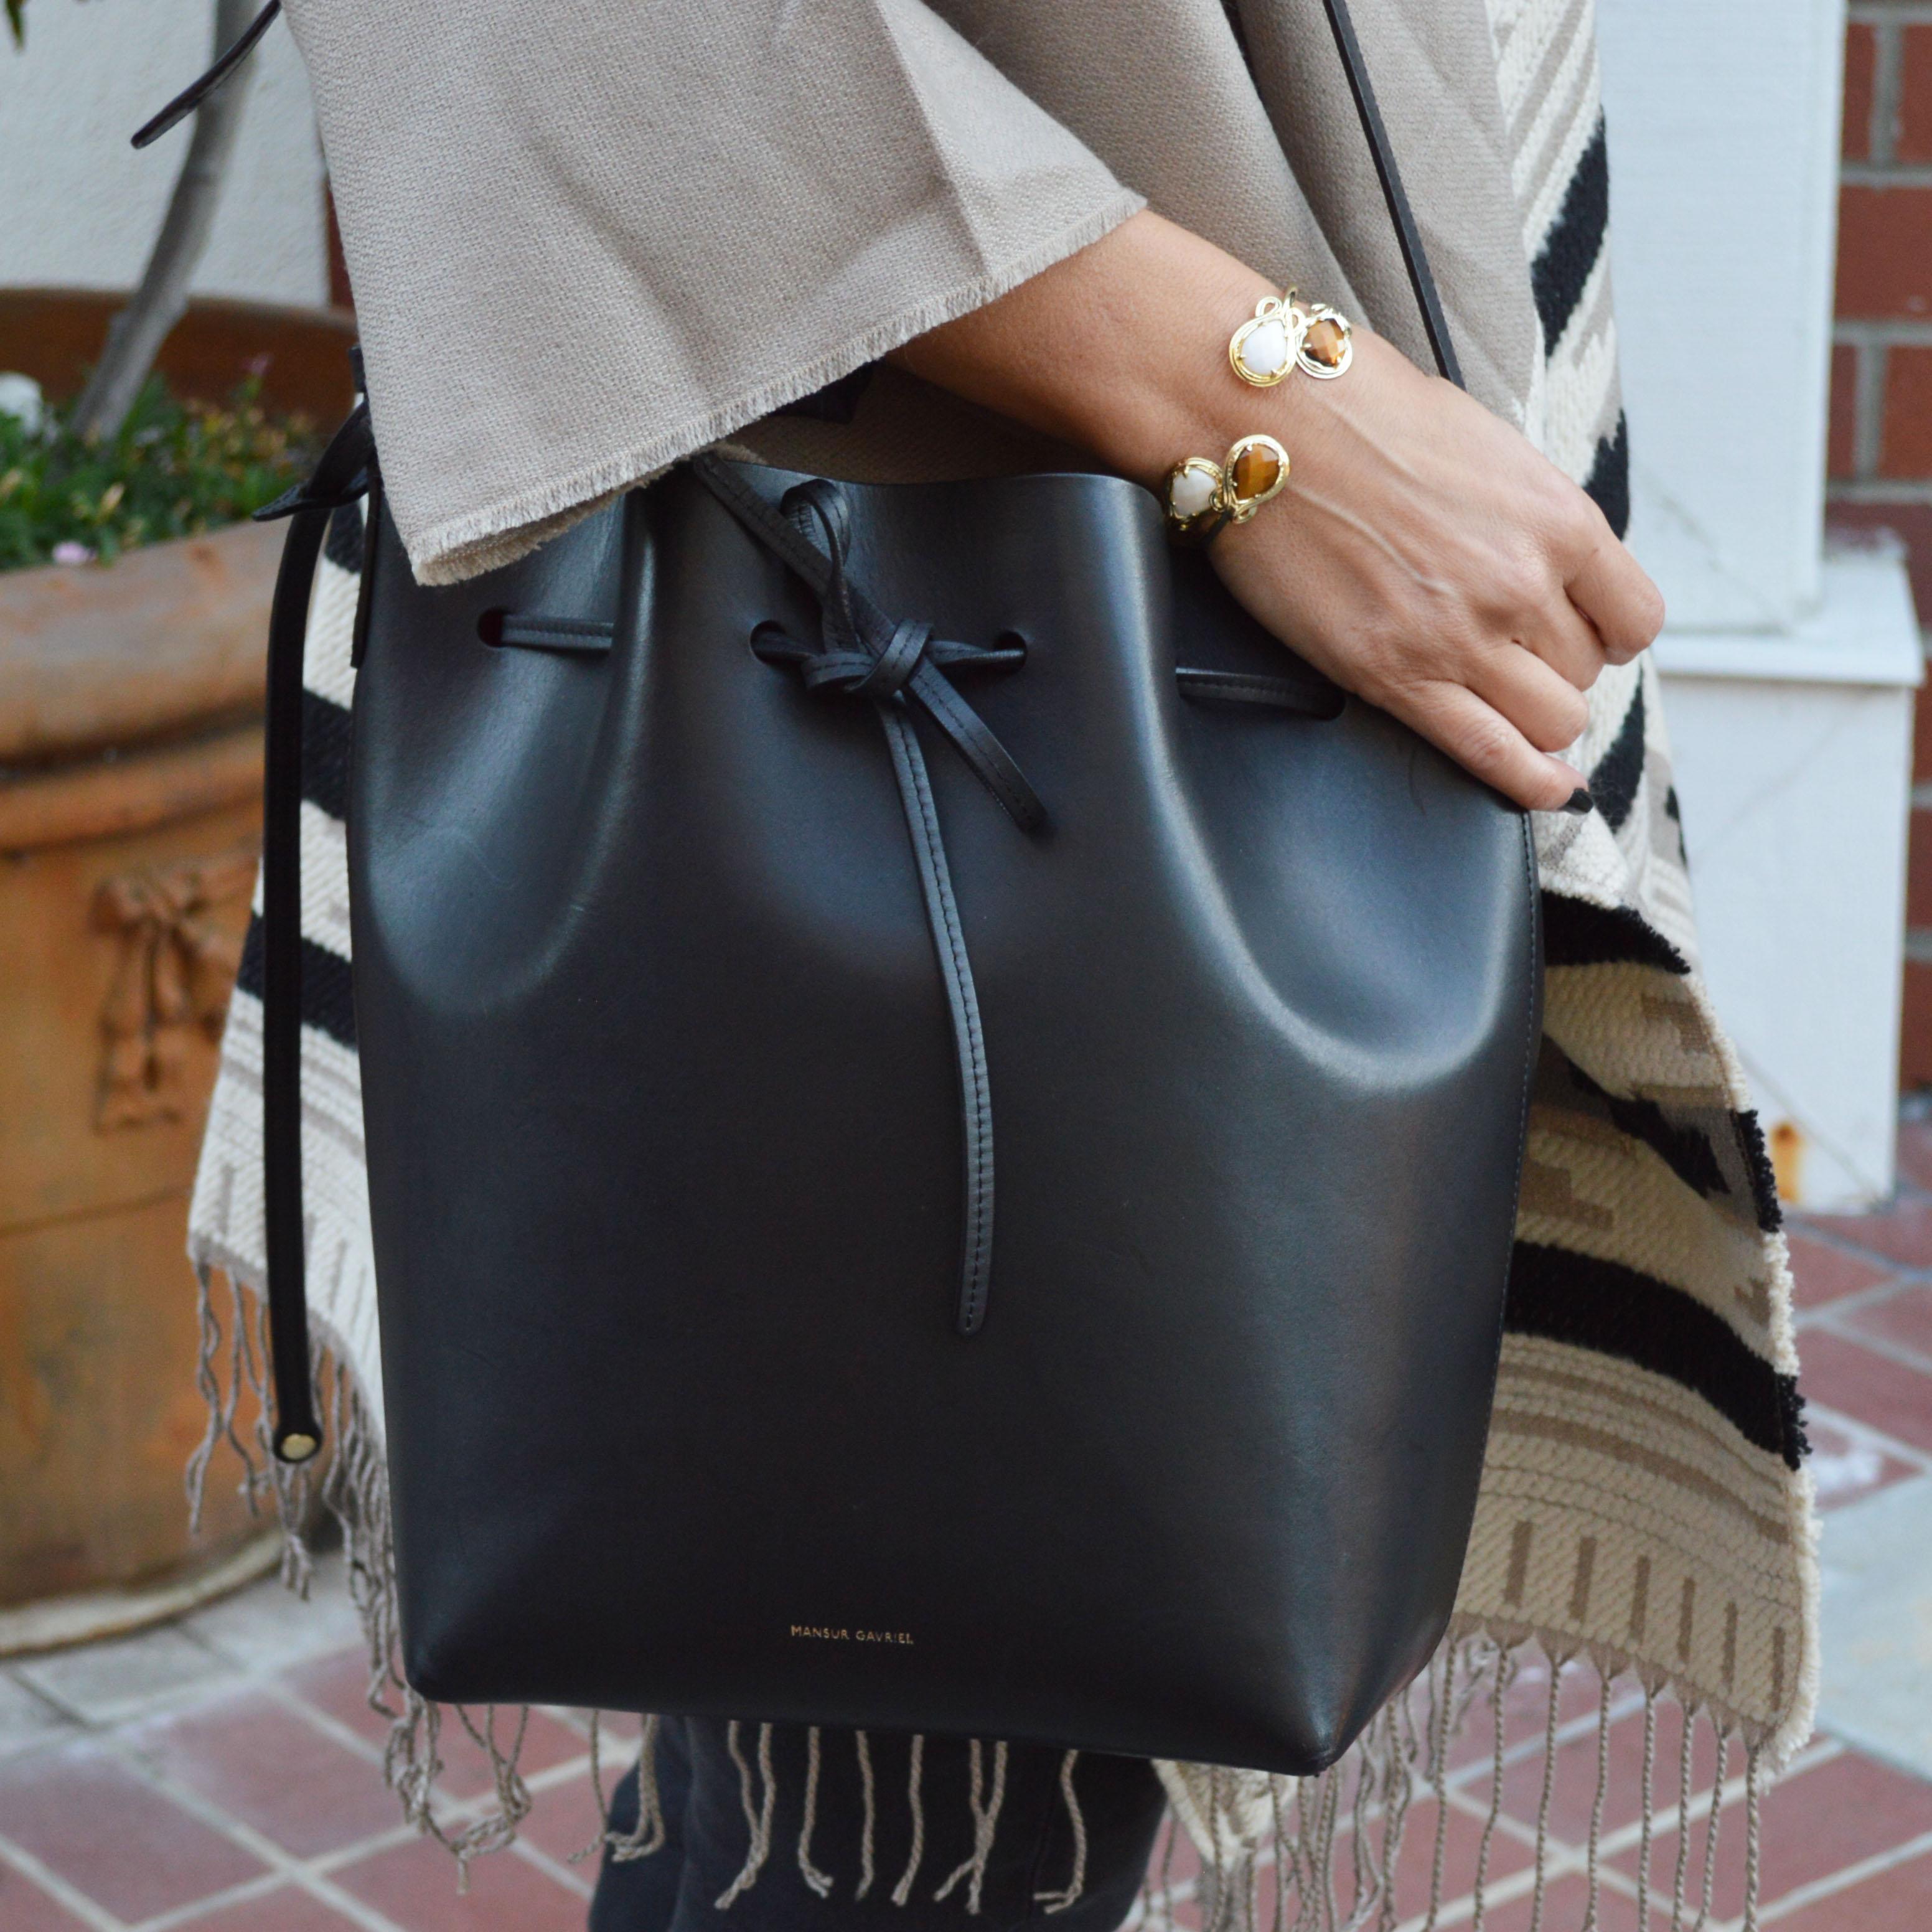 bucket bag blog bay area fashionista. Black Bedroom Furniture Sets. Home Design Ideas